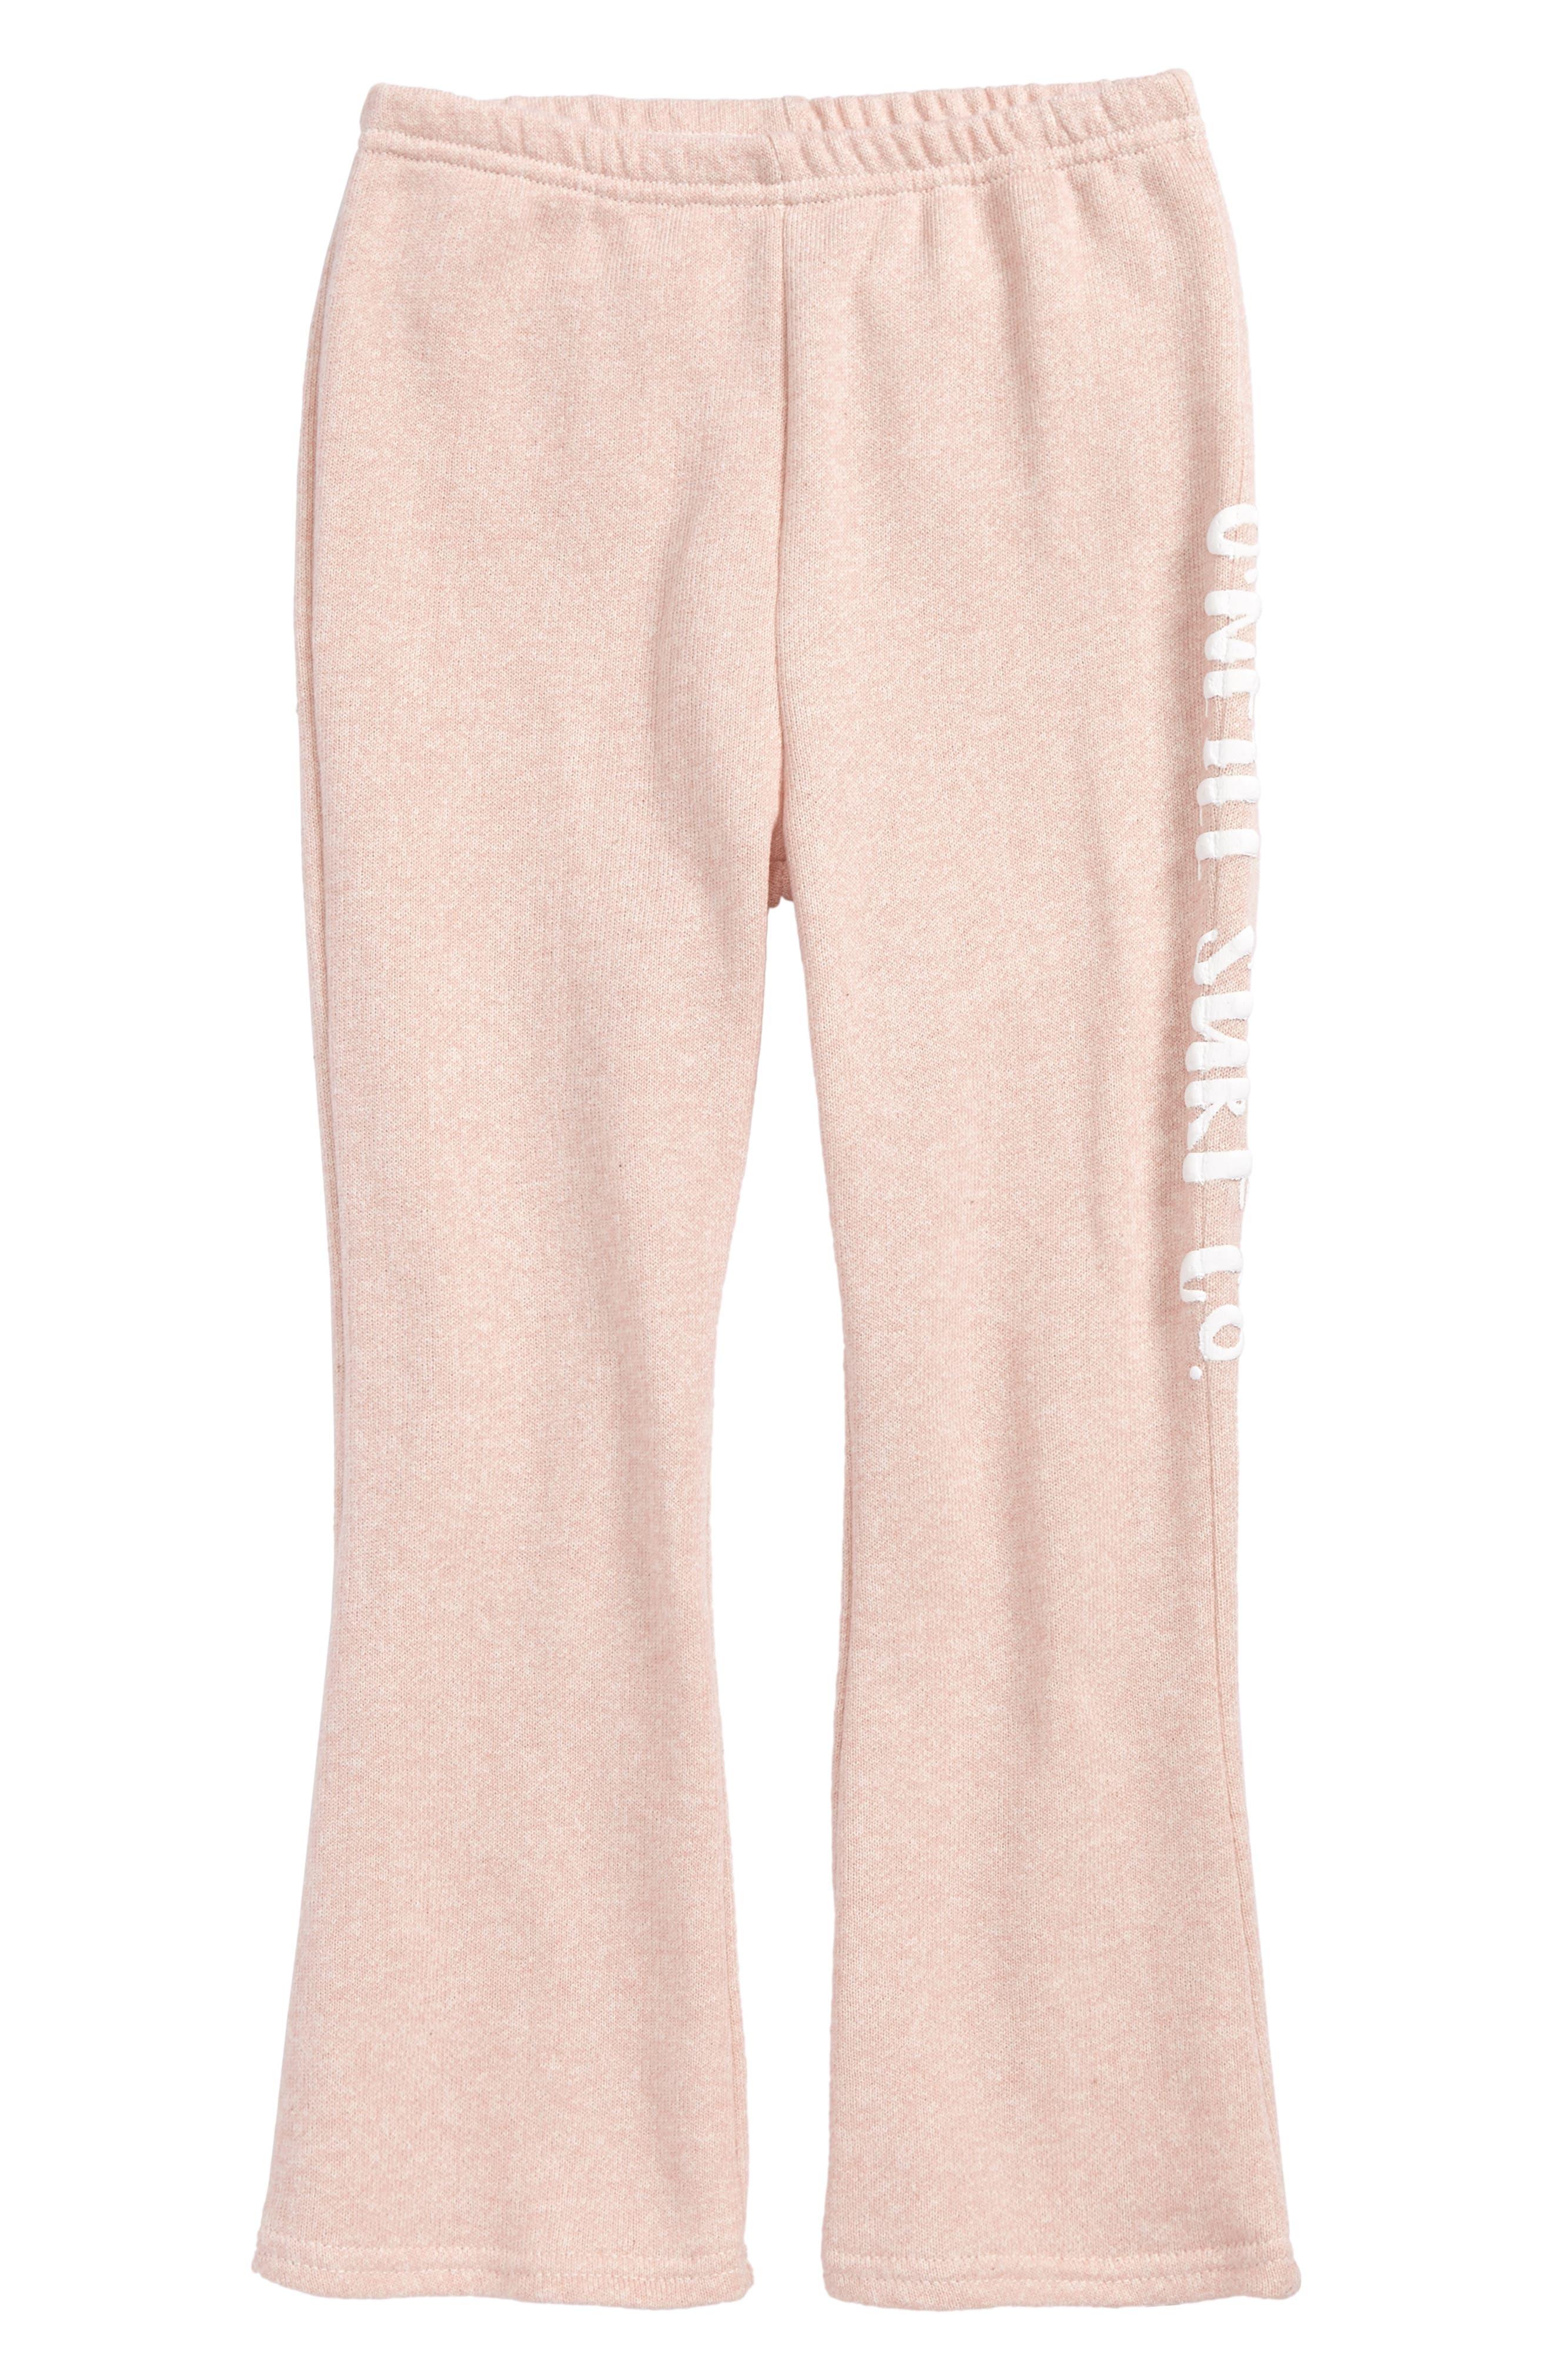 Beach Belle Fleece Pants,                             Main thumbnail 1, color,                             Peony